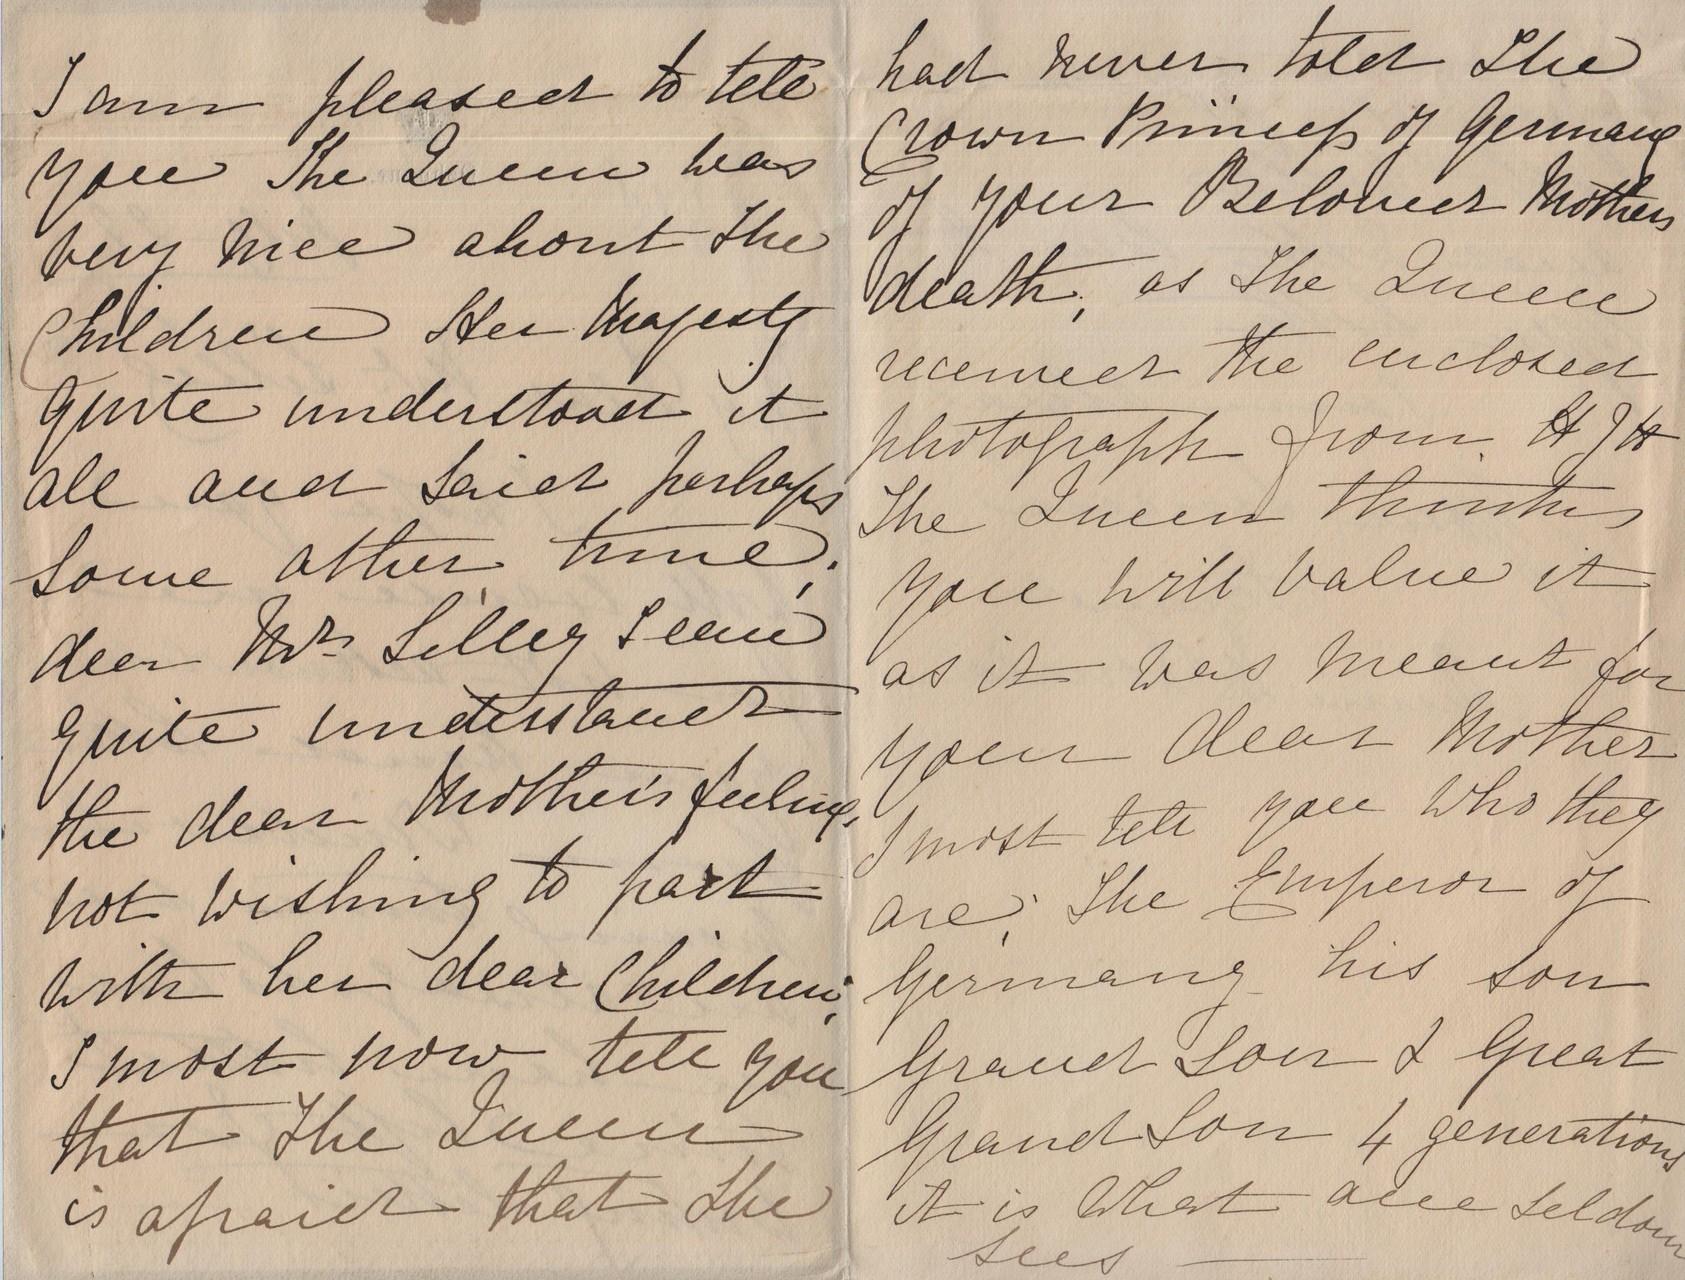 1882 Jult 22nd AMcD to JHL